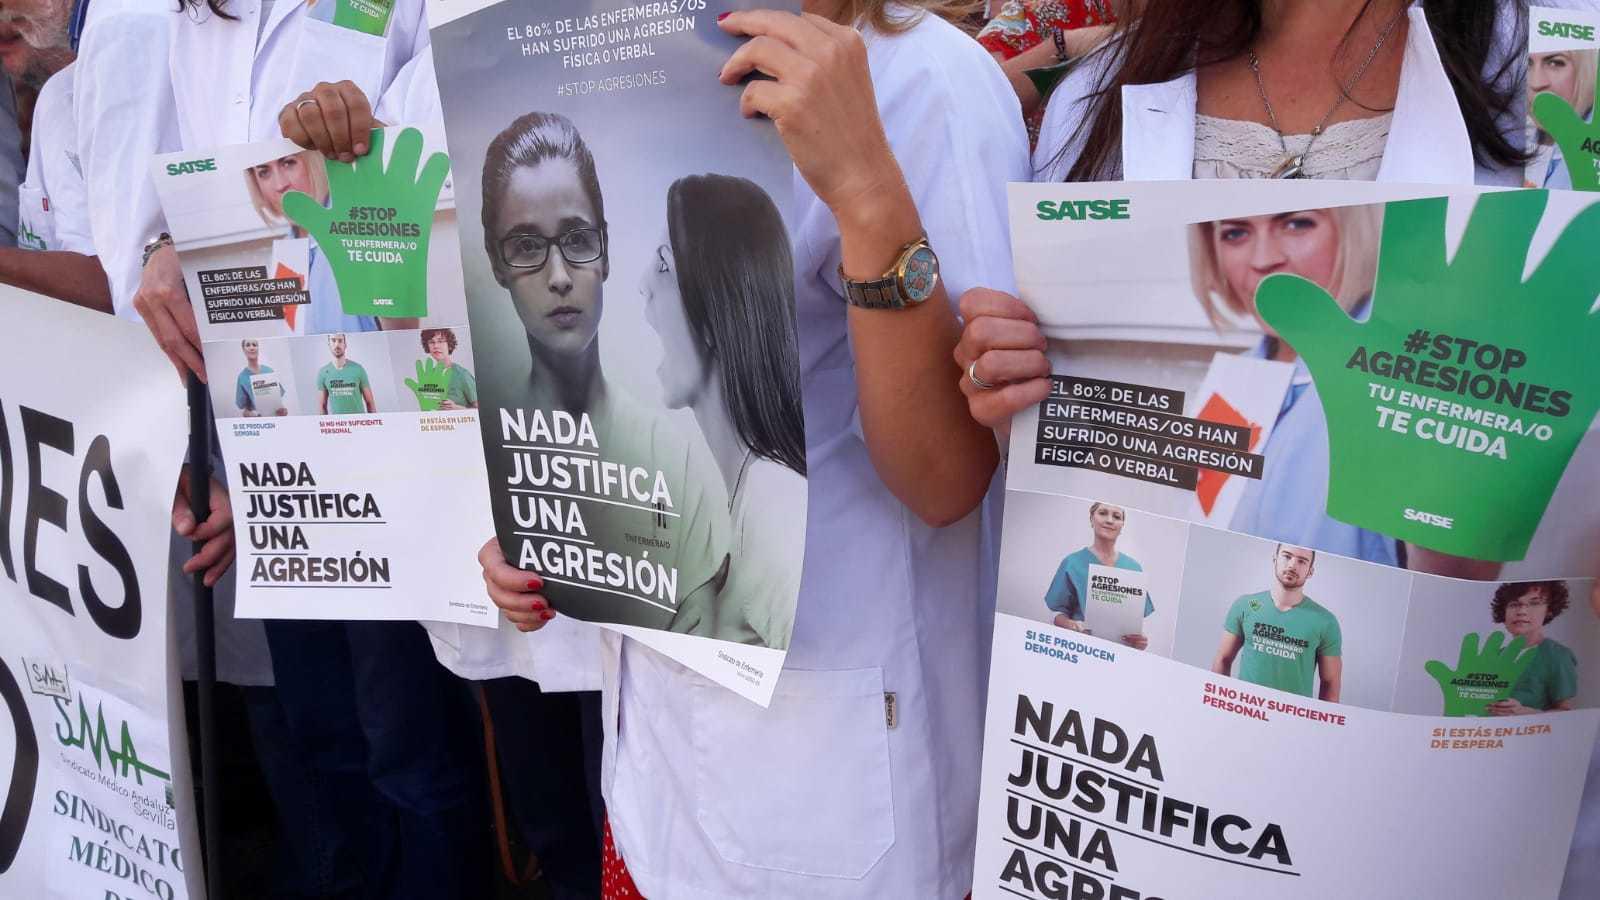 ¿De quién es la responsabilidad de que 1.000 sanitarios sean agredidos cada año en Andalucía?